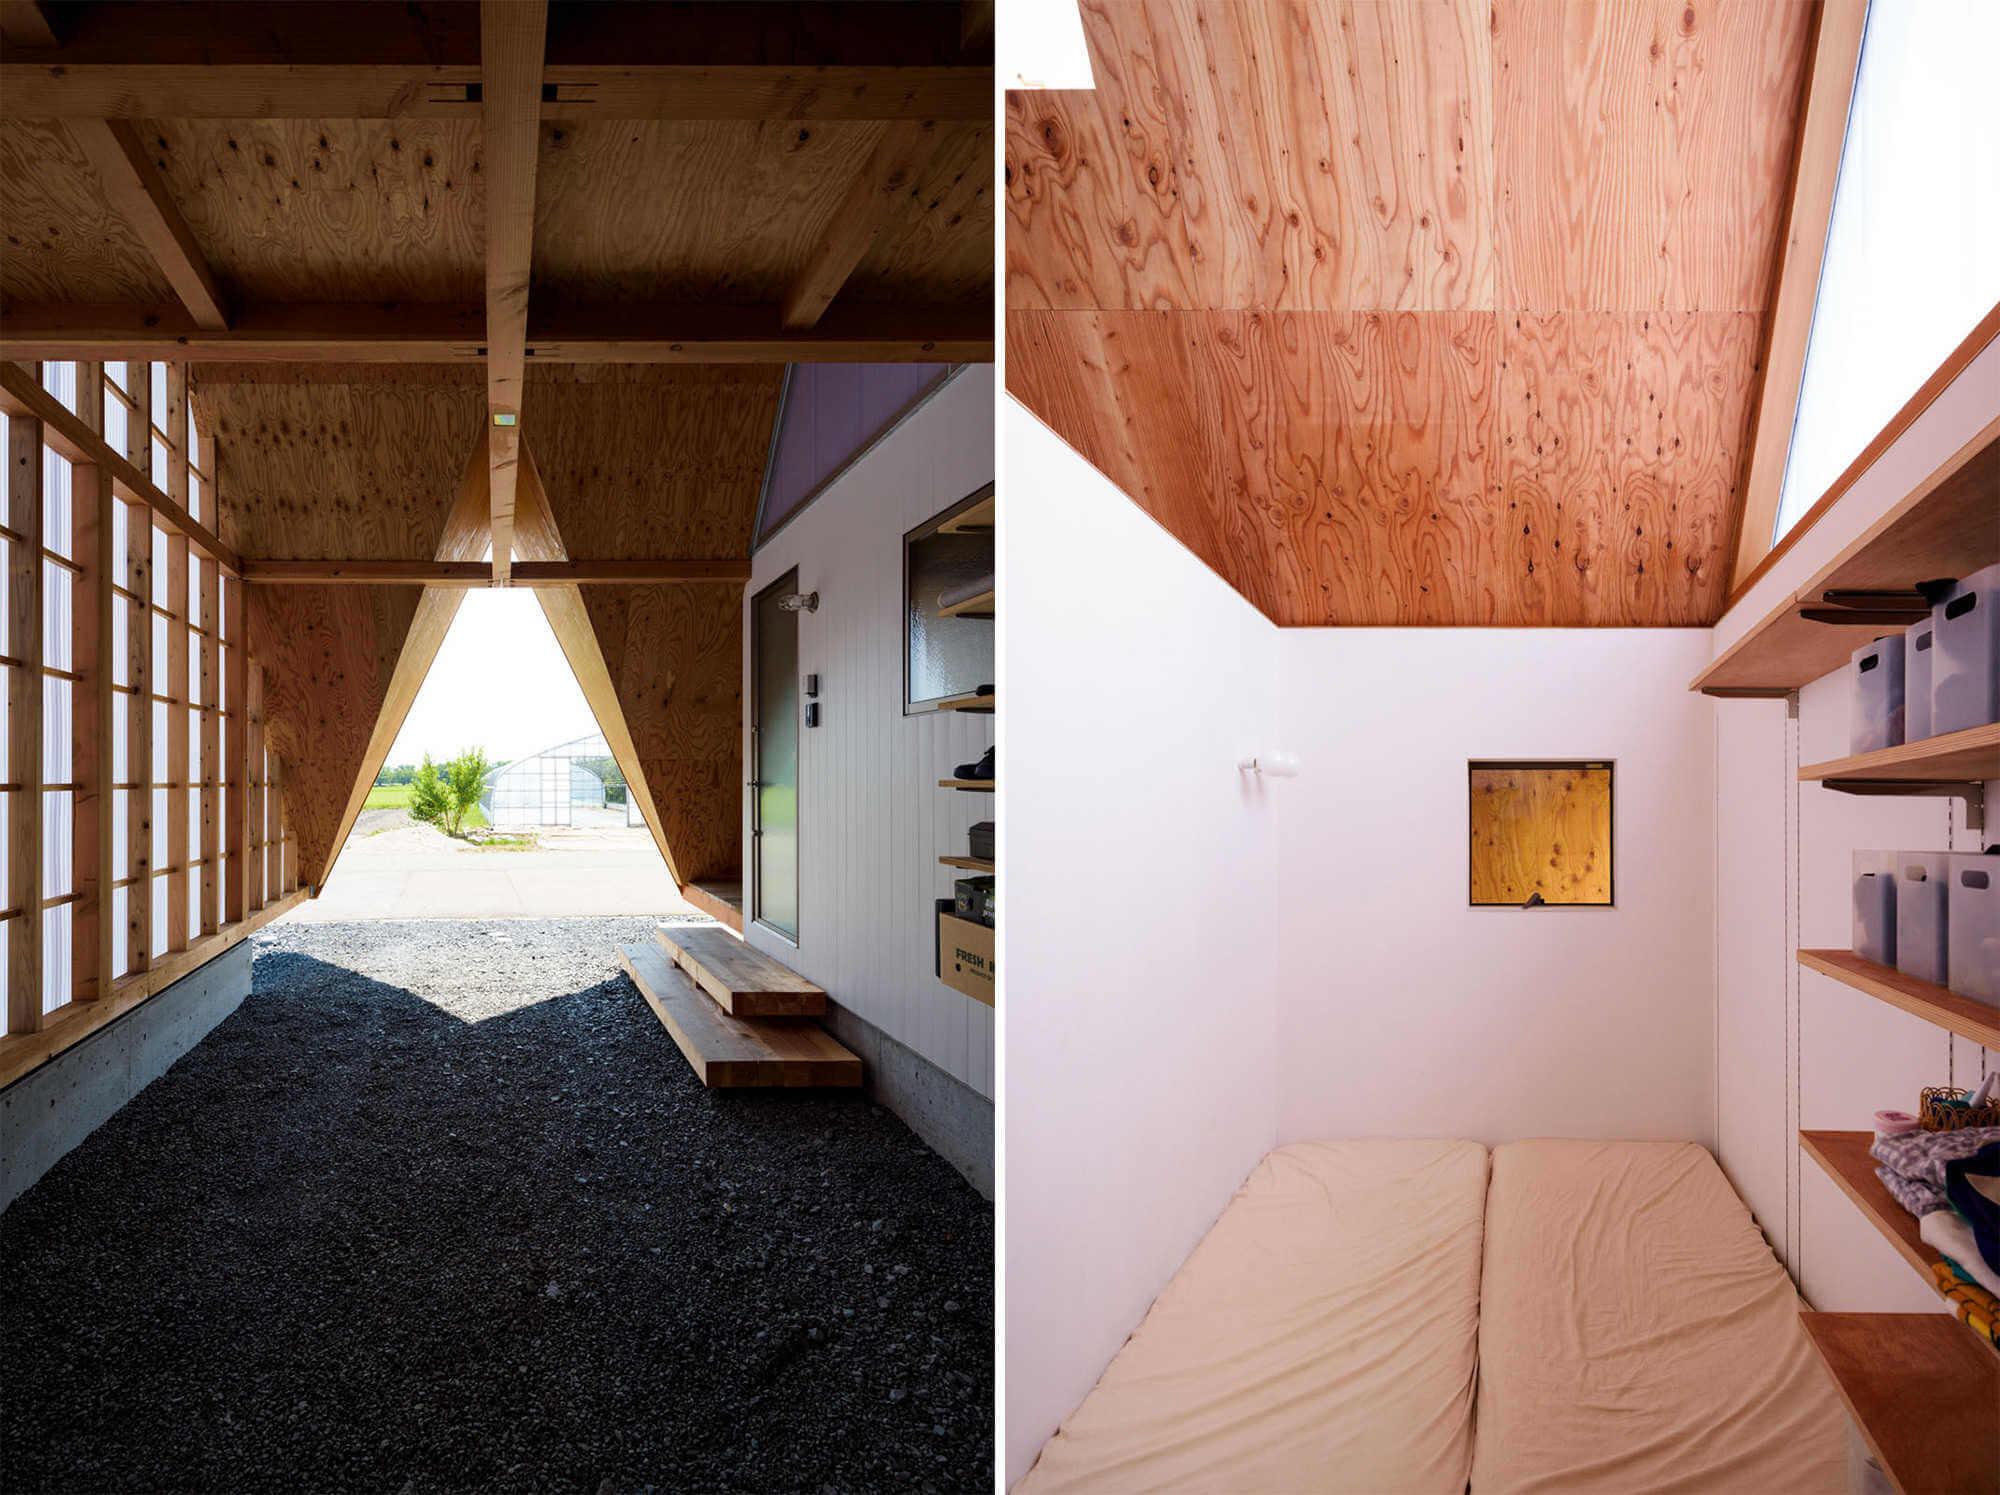 habitaciones interiores de casa minimalista en japon